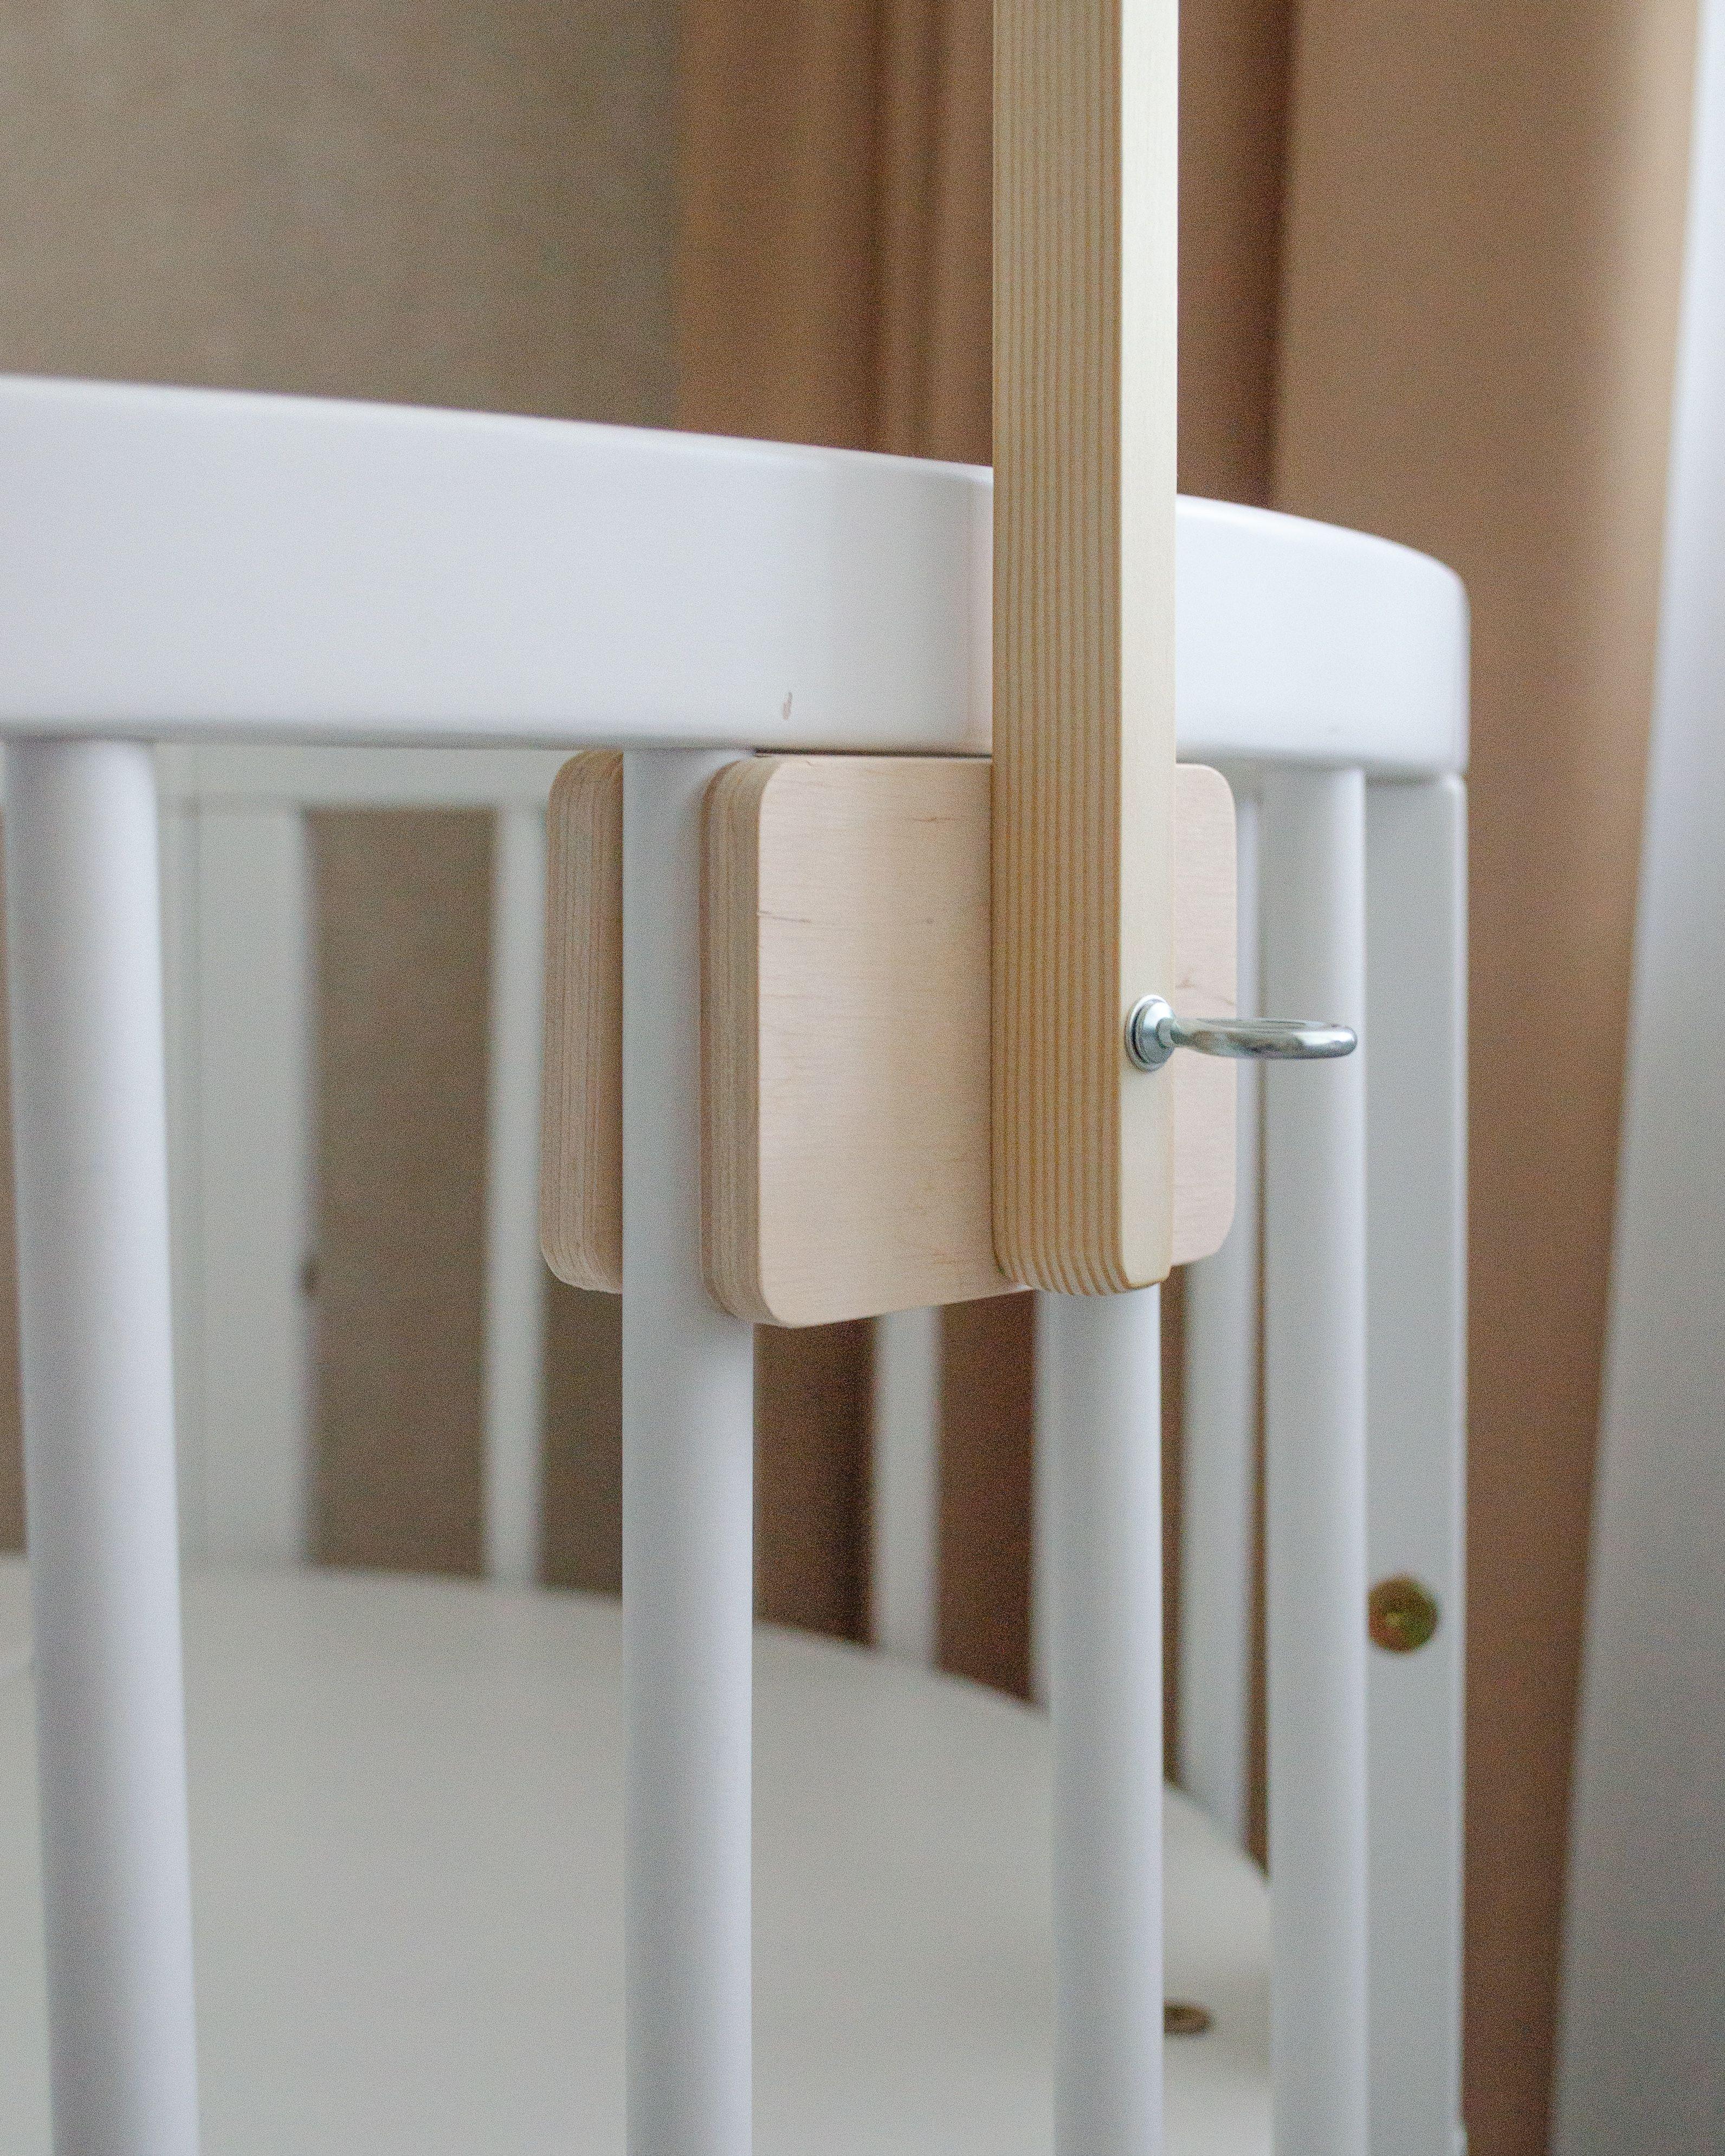 Baby Mobile Arm Mobile Holder Mobile Hanger Crib Mobile In 2020 Baby Mobile Arm White Wooden Hangers Mobile Hanger